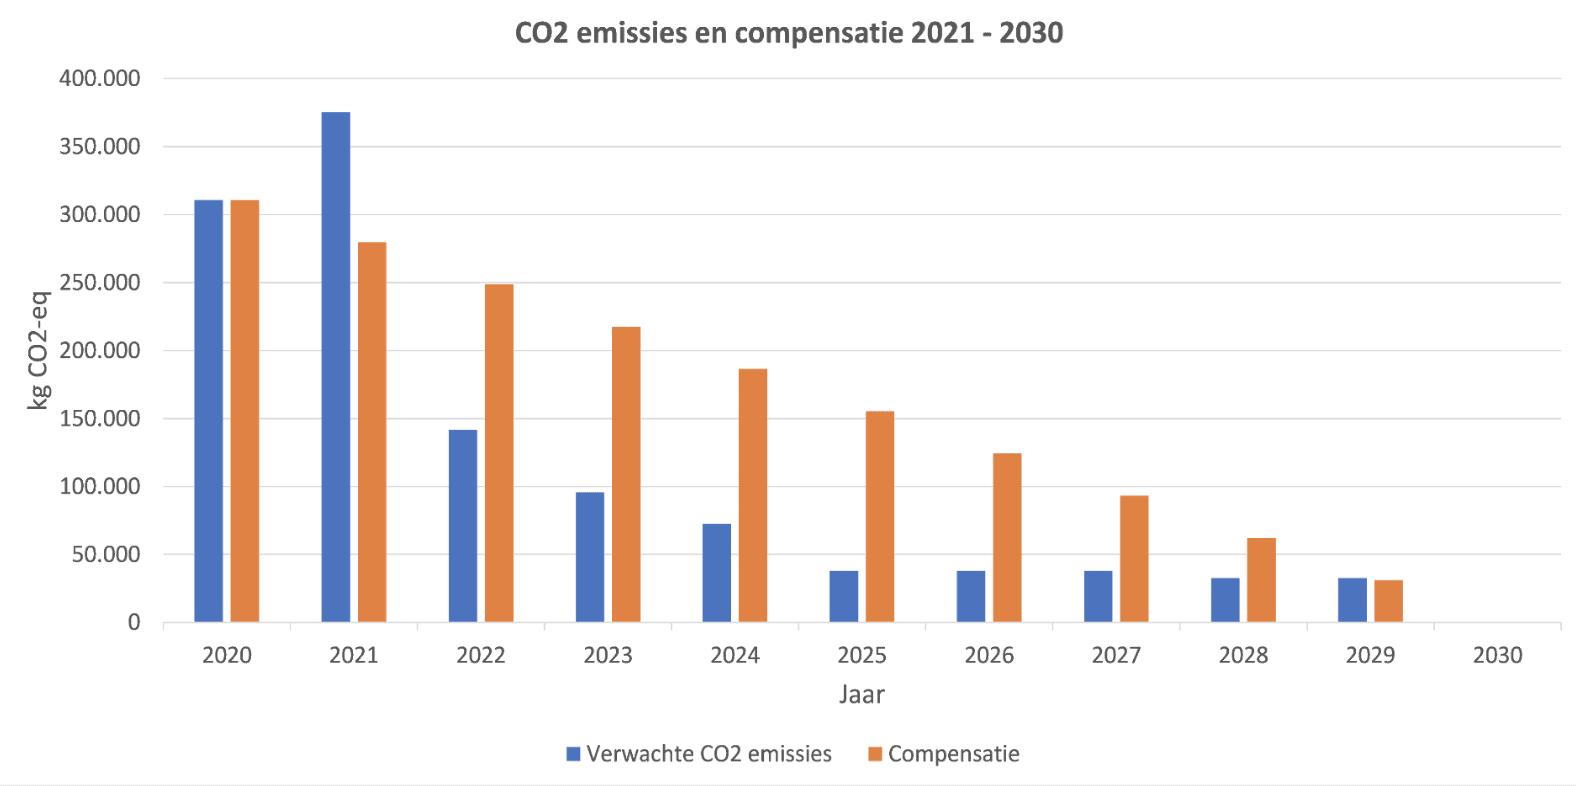 CO2 emissies en compensatie 2021/2030